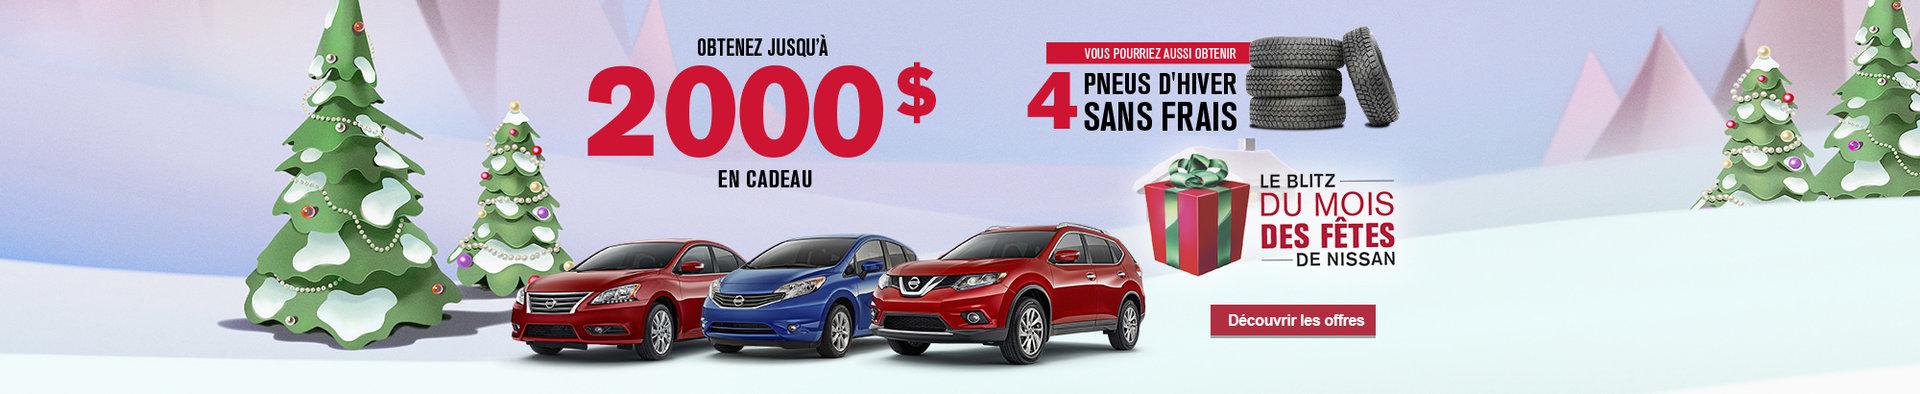 Le Blitz du mois des fêtes de Nissan